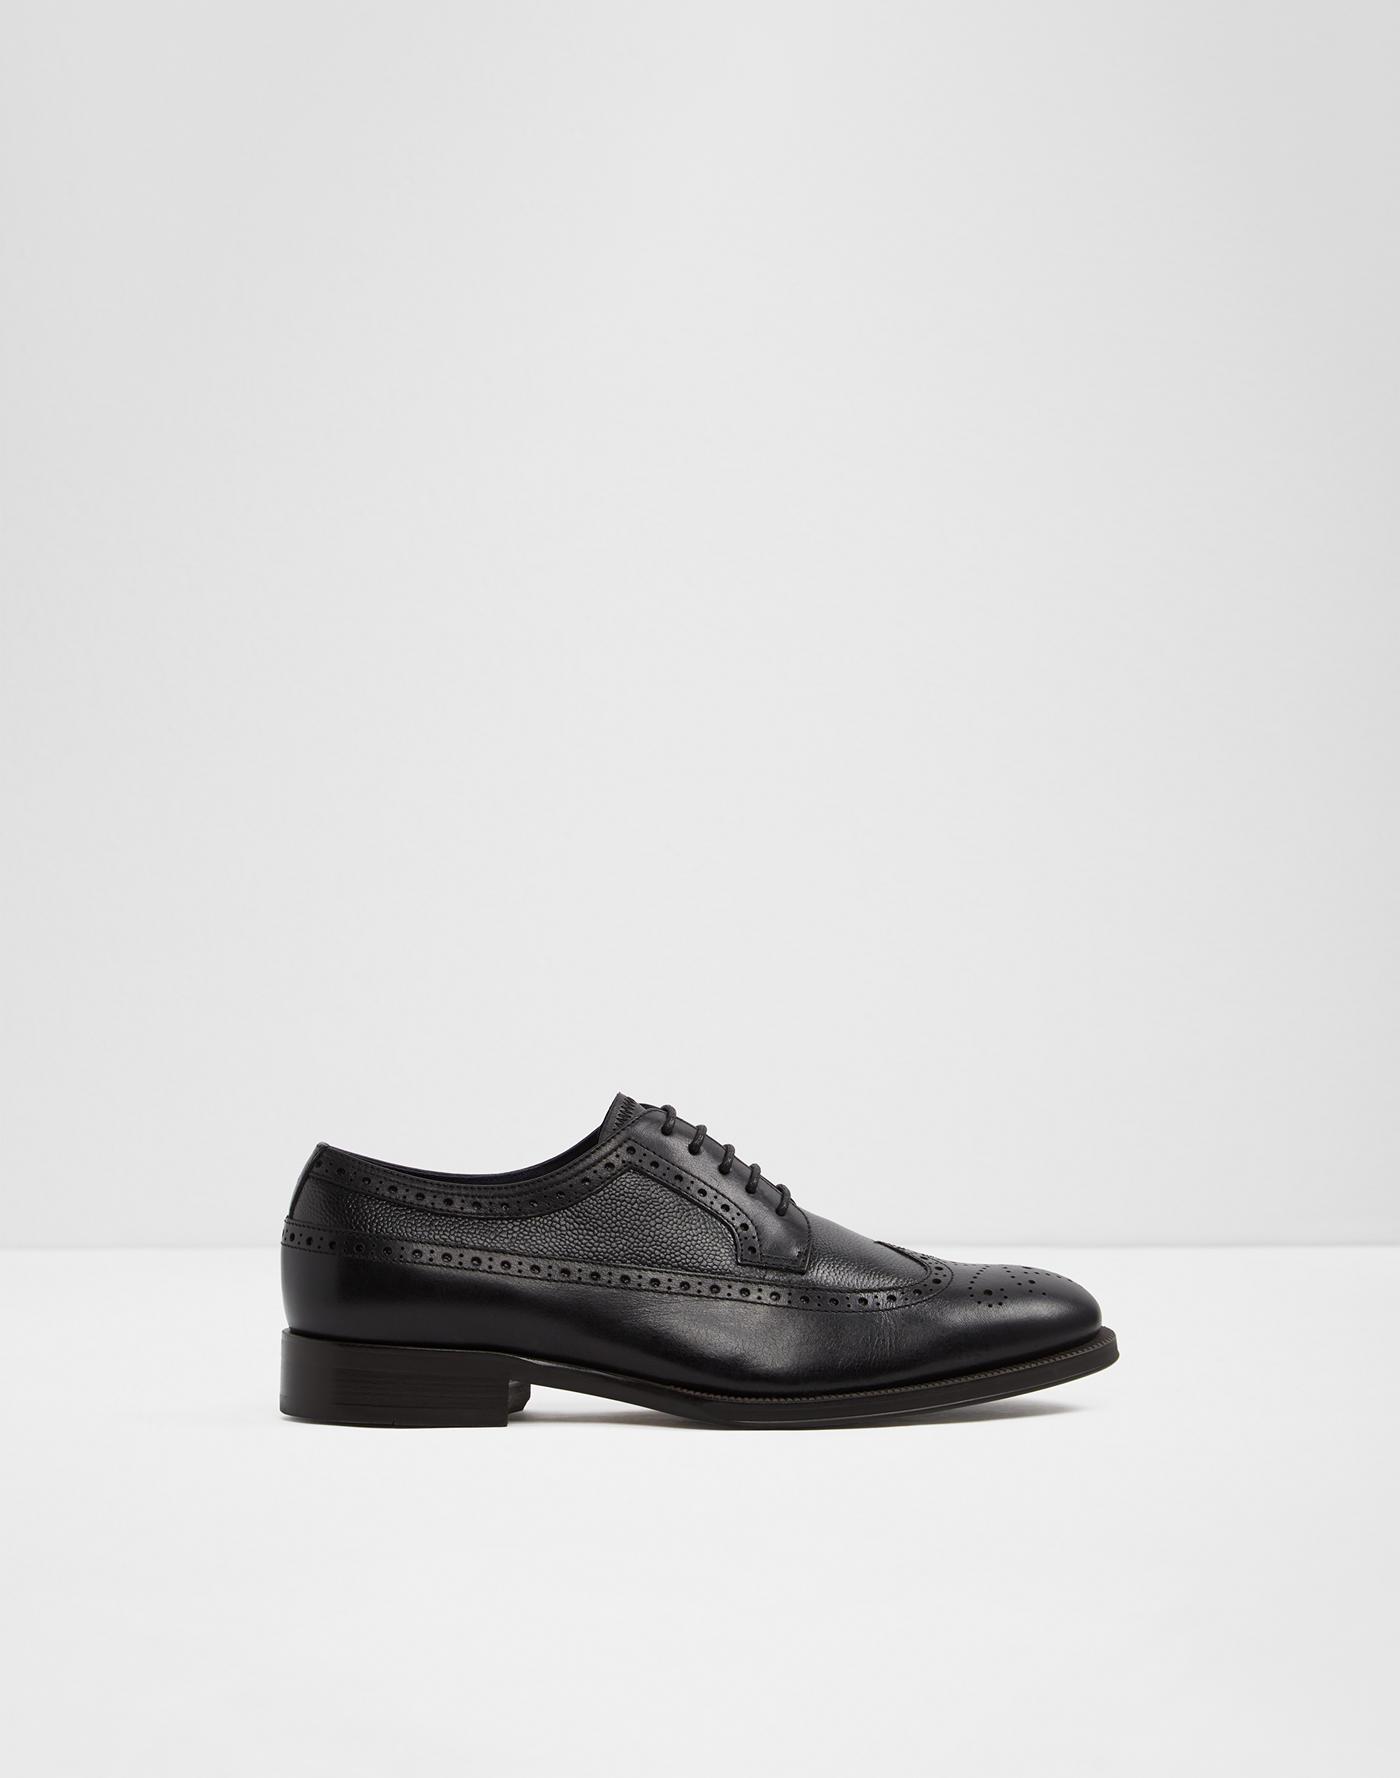 b6f46387c1b Dress shoes